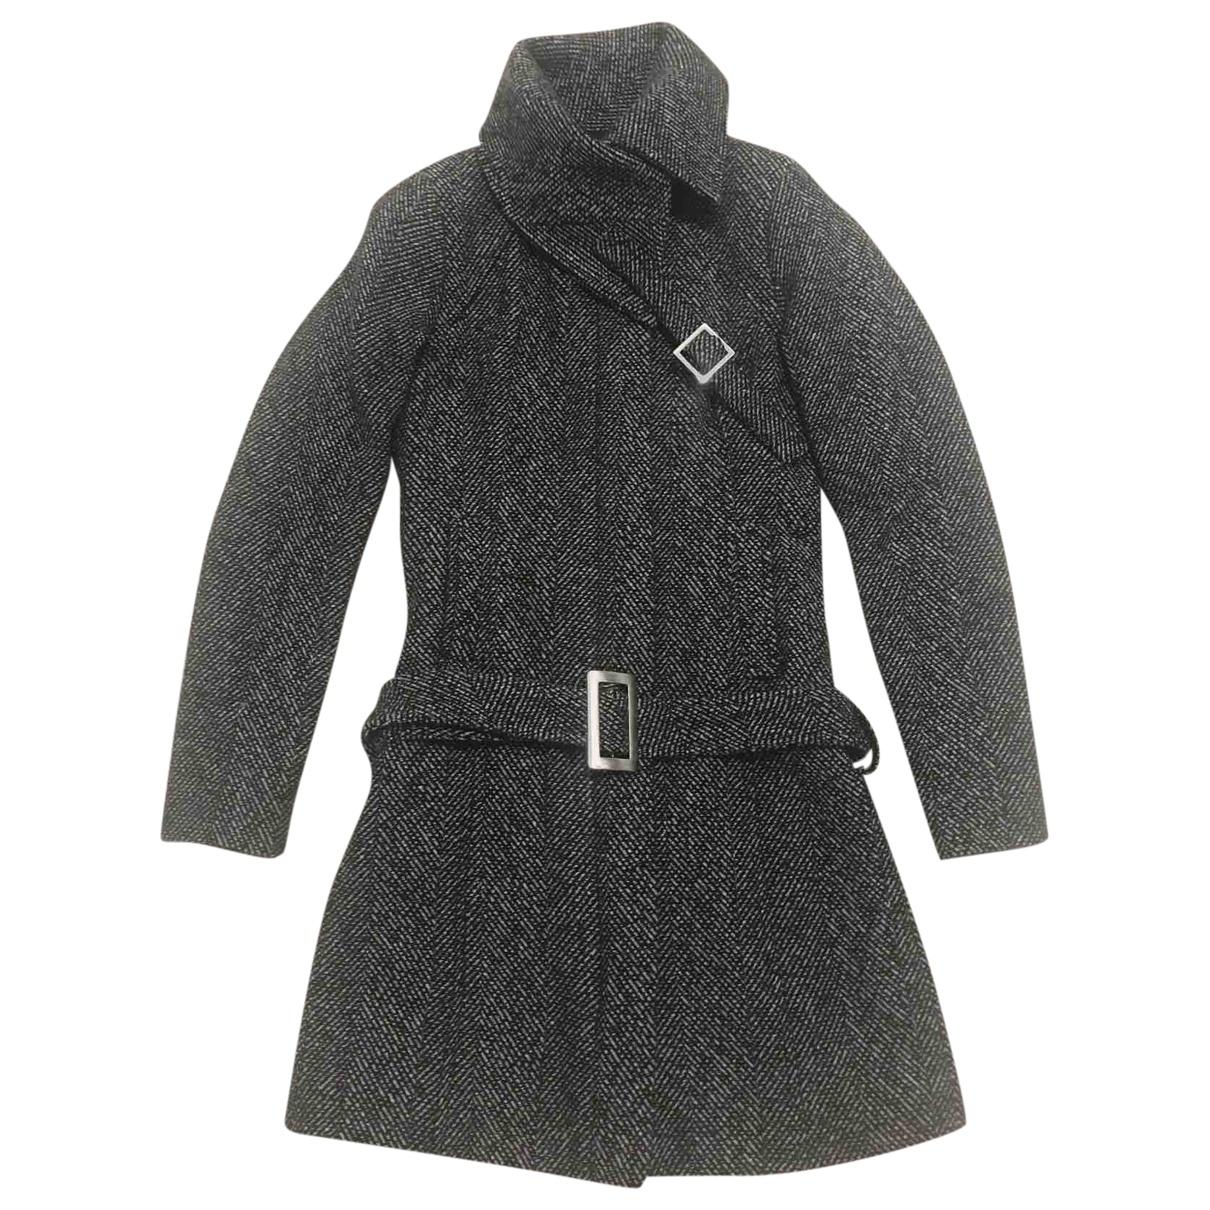 Imperial - Manteau   pour femme en laine - multicolore